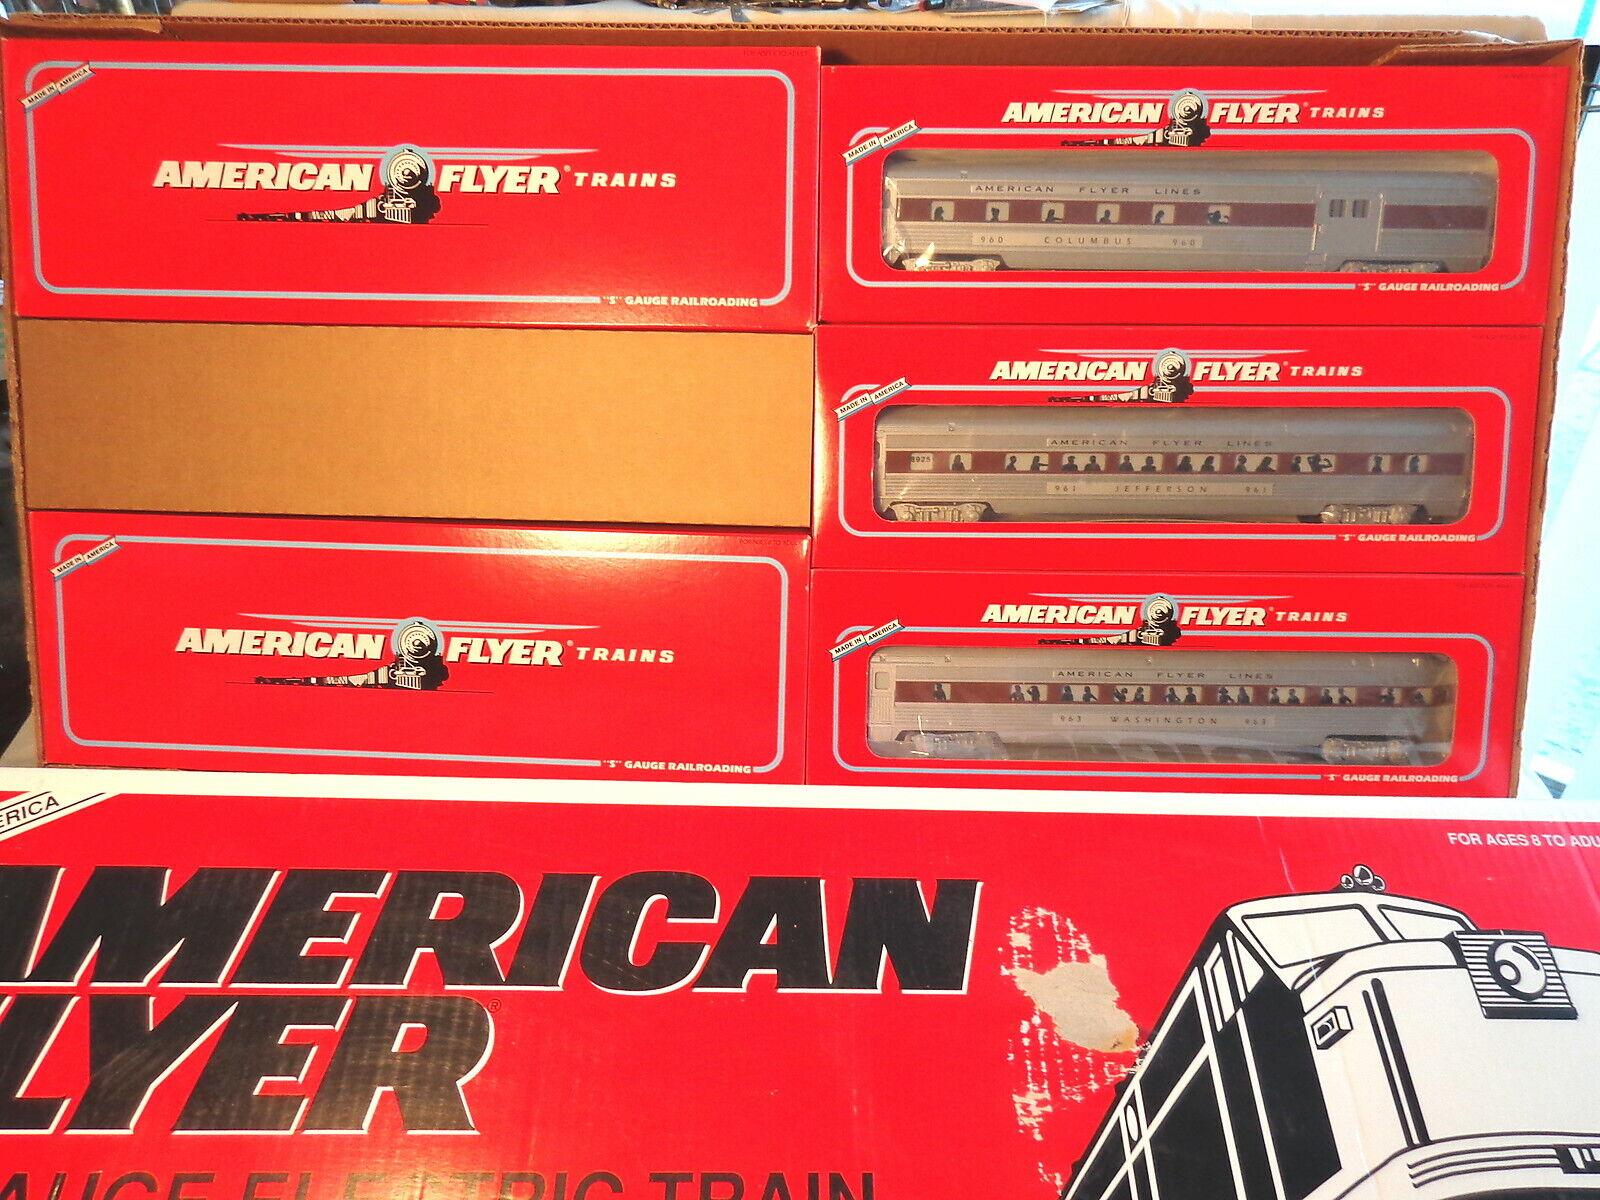 アメリカンフライヤー6 - 49606シルバーフラッシュ